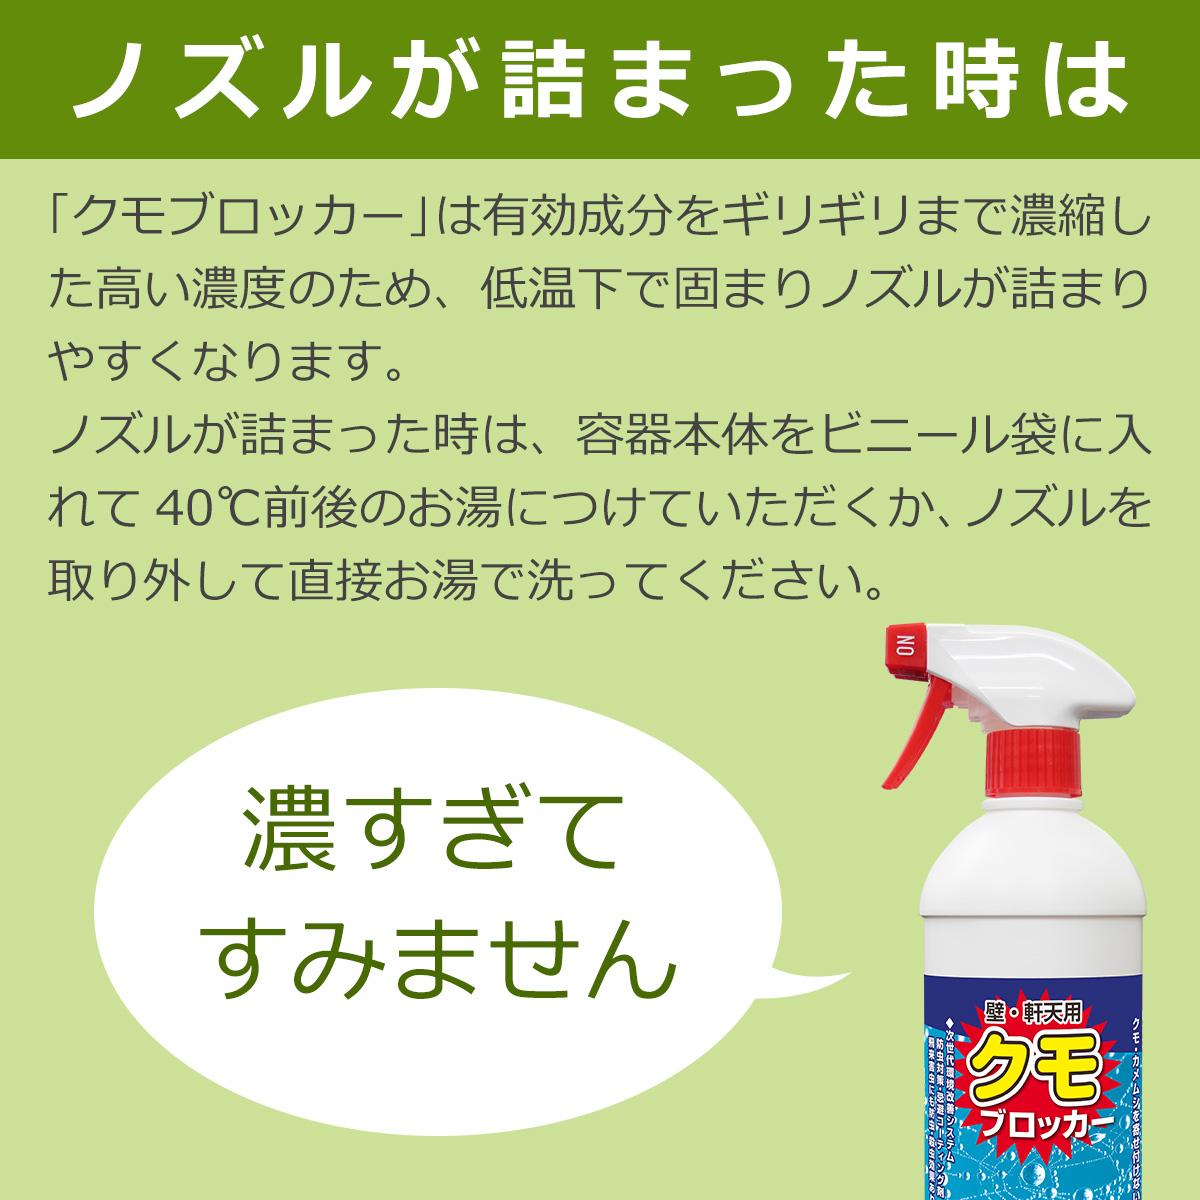 ノズルが詰まった時は、容器本体をビニール袋に入れて40℃前後のお湯につけていただくか、ノズルを取り外して直接お湯で洗ってください